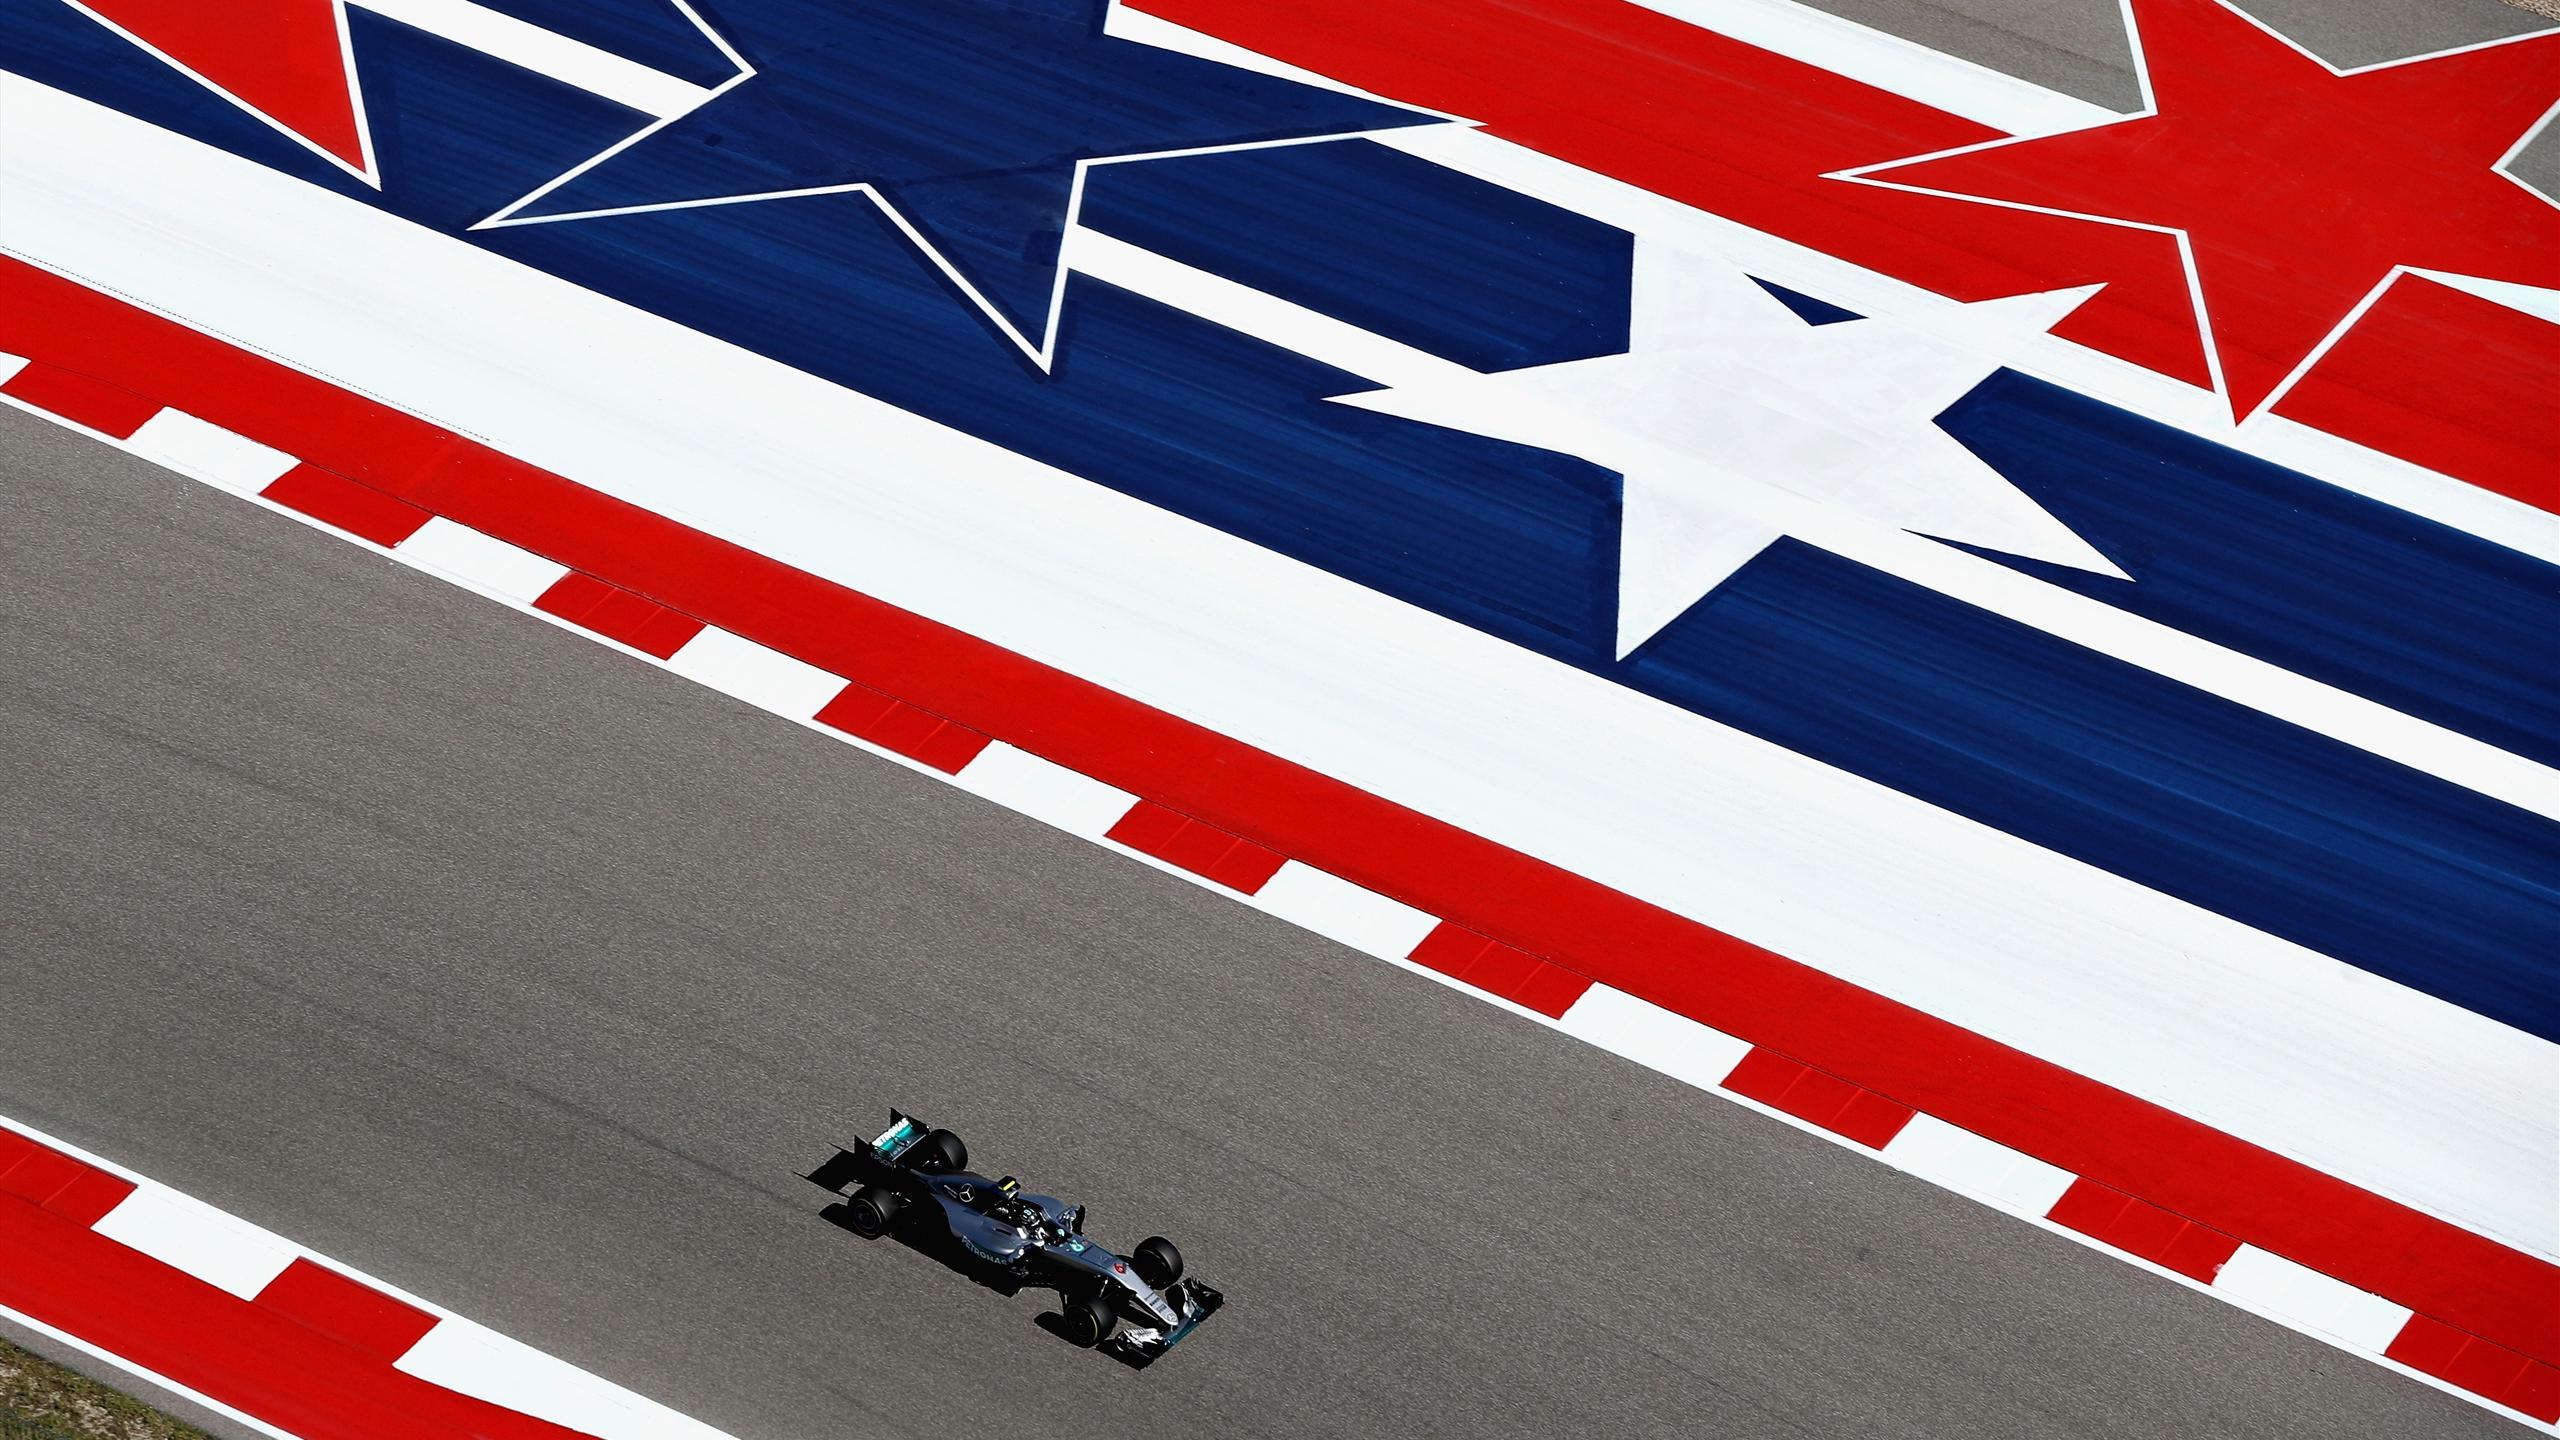 Nico Rosberg (Mercedes) au Grand Prix des Etats-Unis d'Amérique 2016